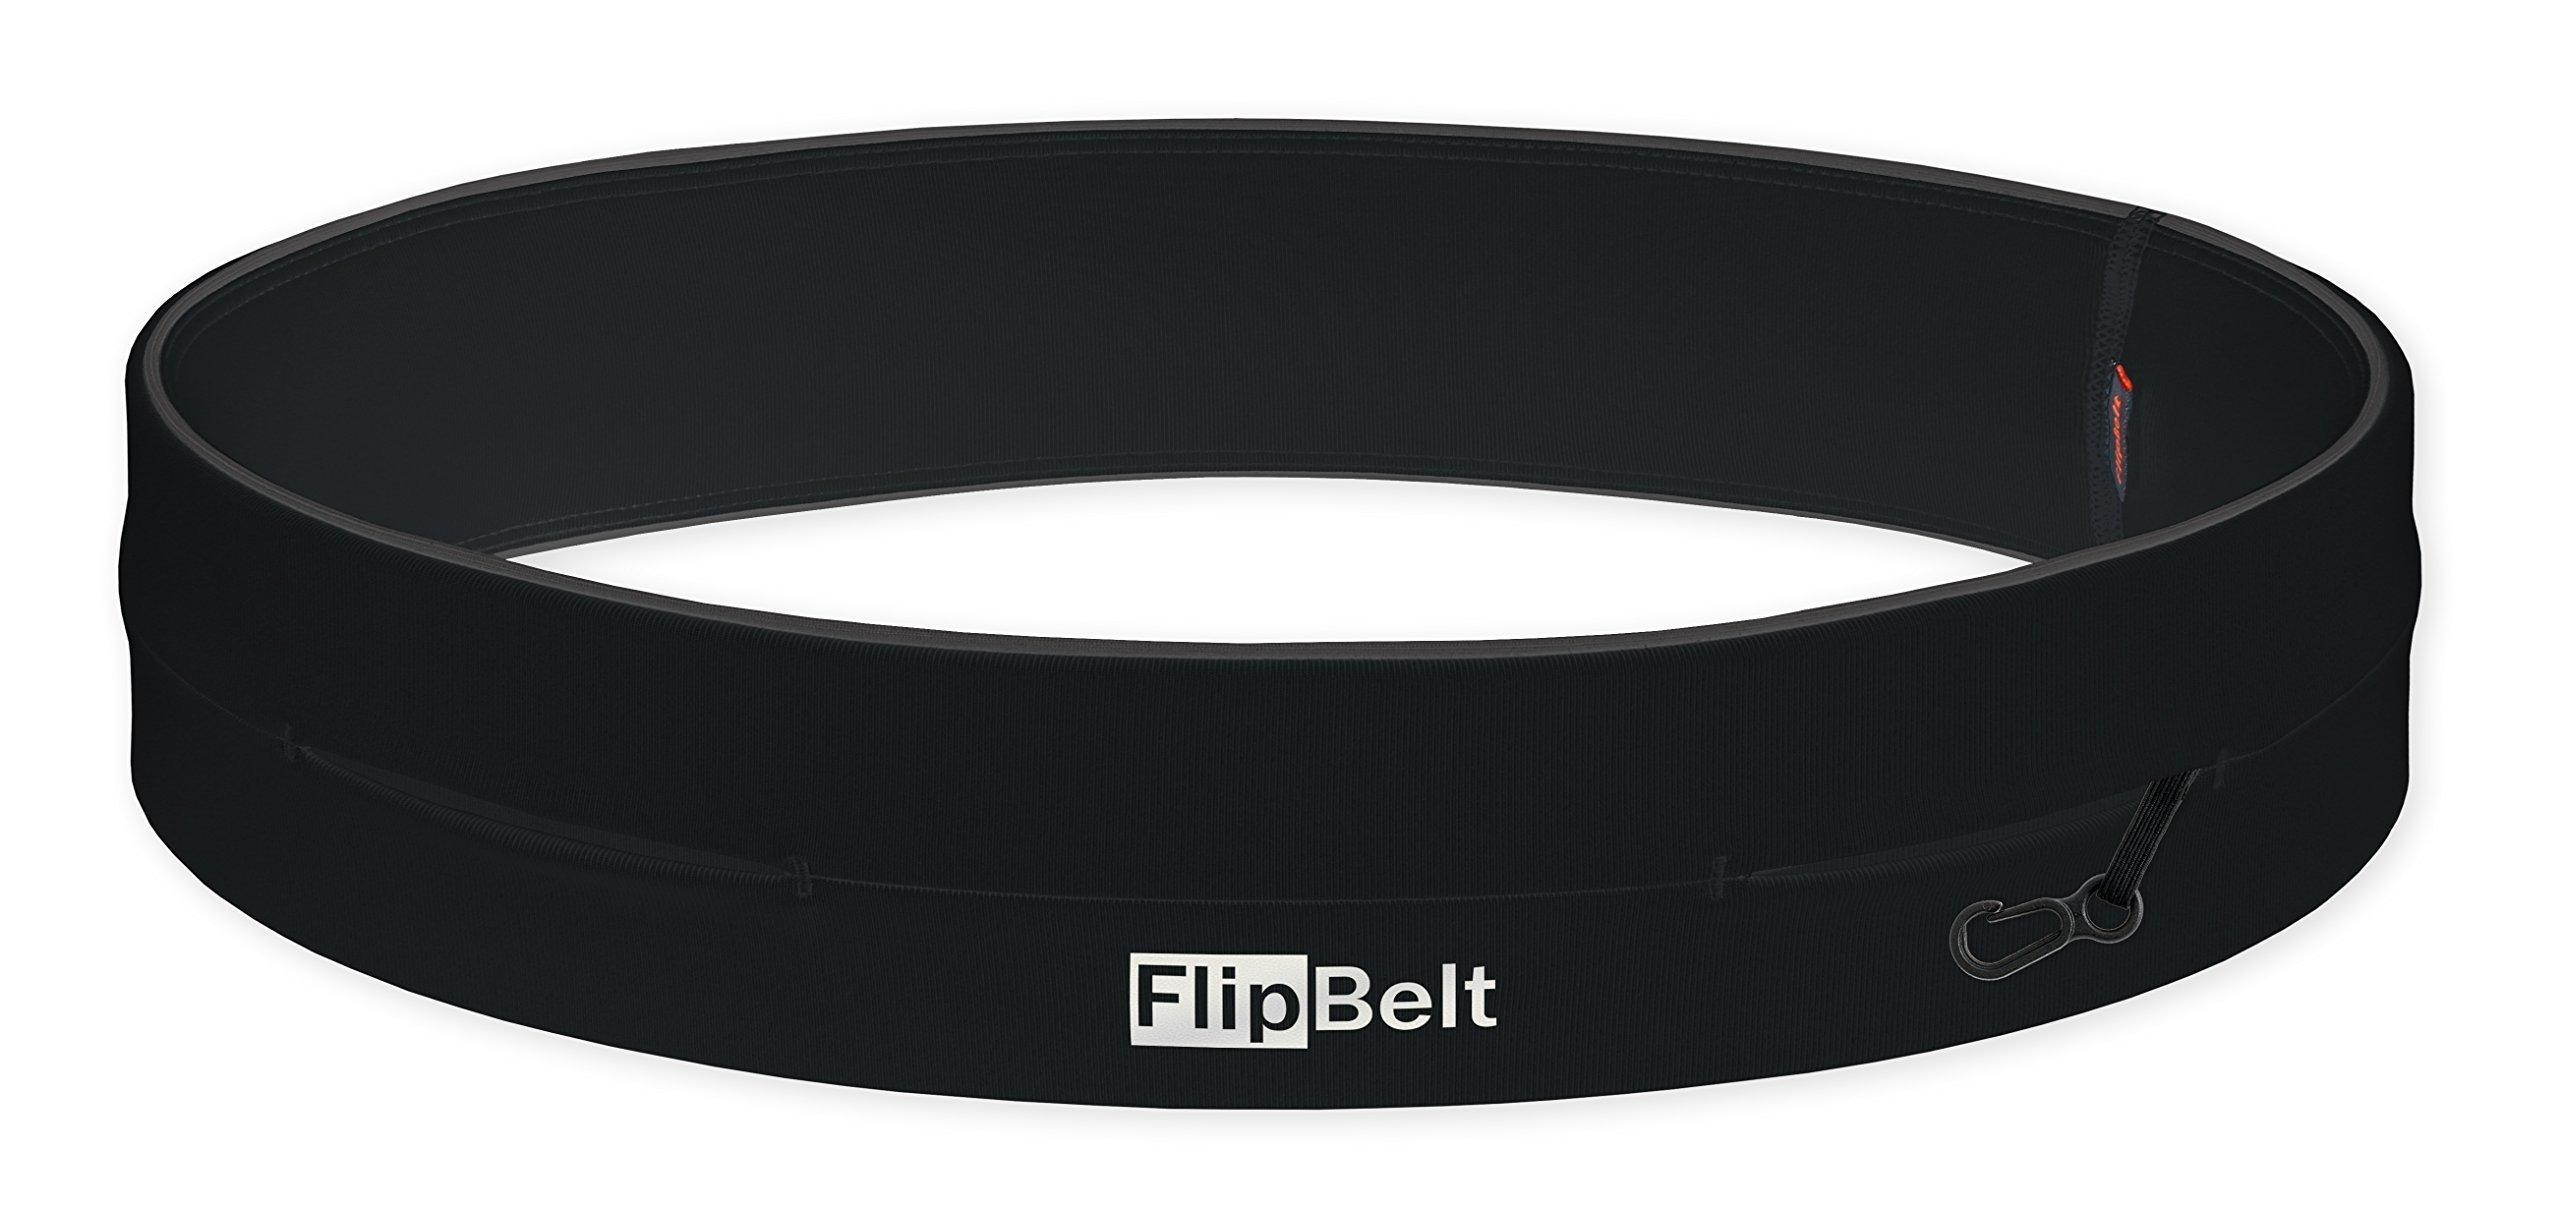 FlipBelt Level Terrain Zipper Edition 18''-21'' Waist Pack, Black, XX-Small by FlipBelt